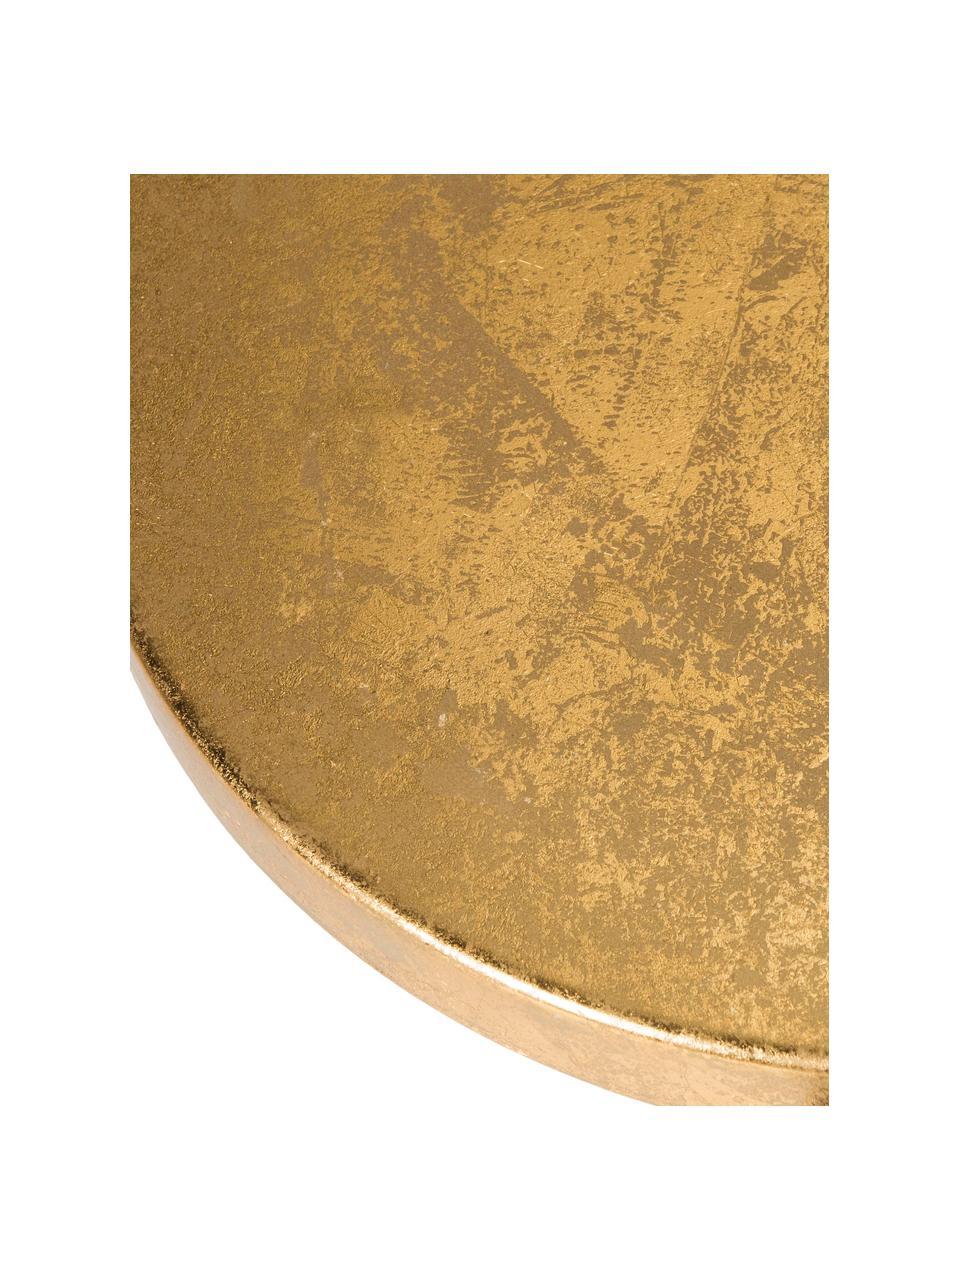 Sgabello da bar Sarah, Ferro, verniciato, Nero, dorato, Ø 34 x A 61 cm